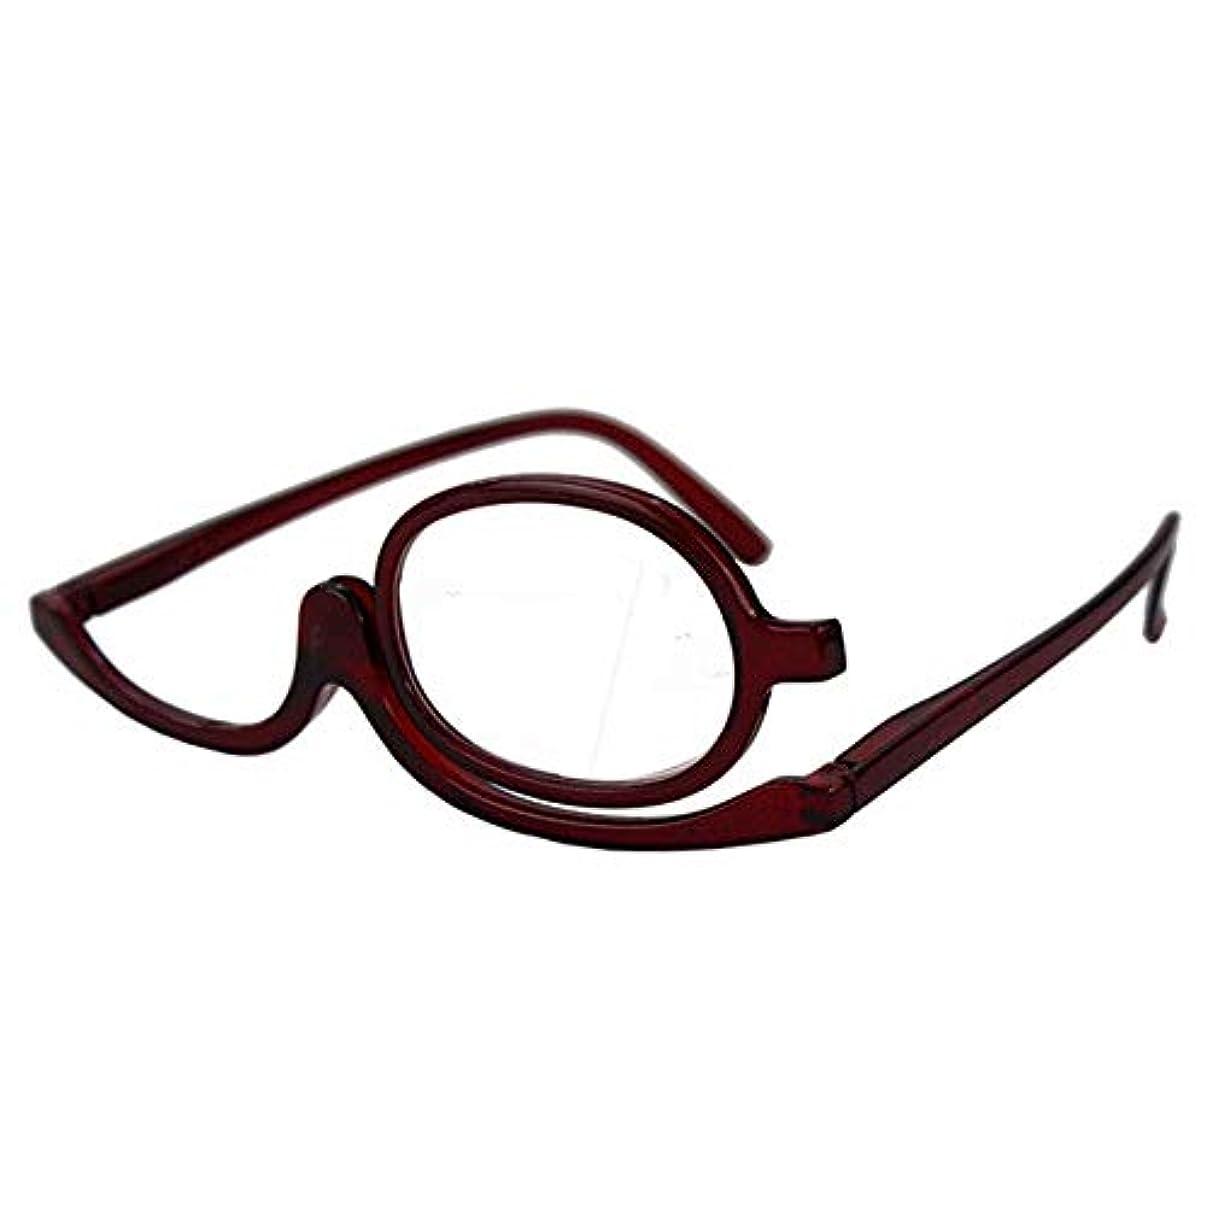 証書理想的にはコットン創造的な回転折りたたみ老眼鏡女性の古い化粧眼鏡老眼鏡400度-ワインレッドフレーム